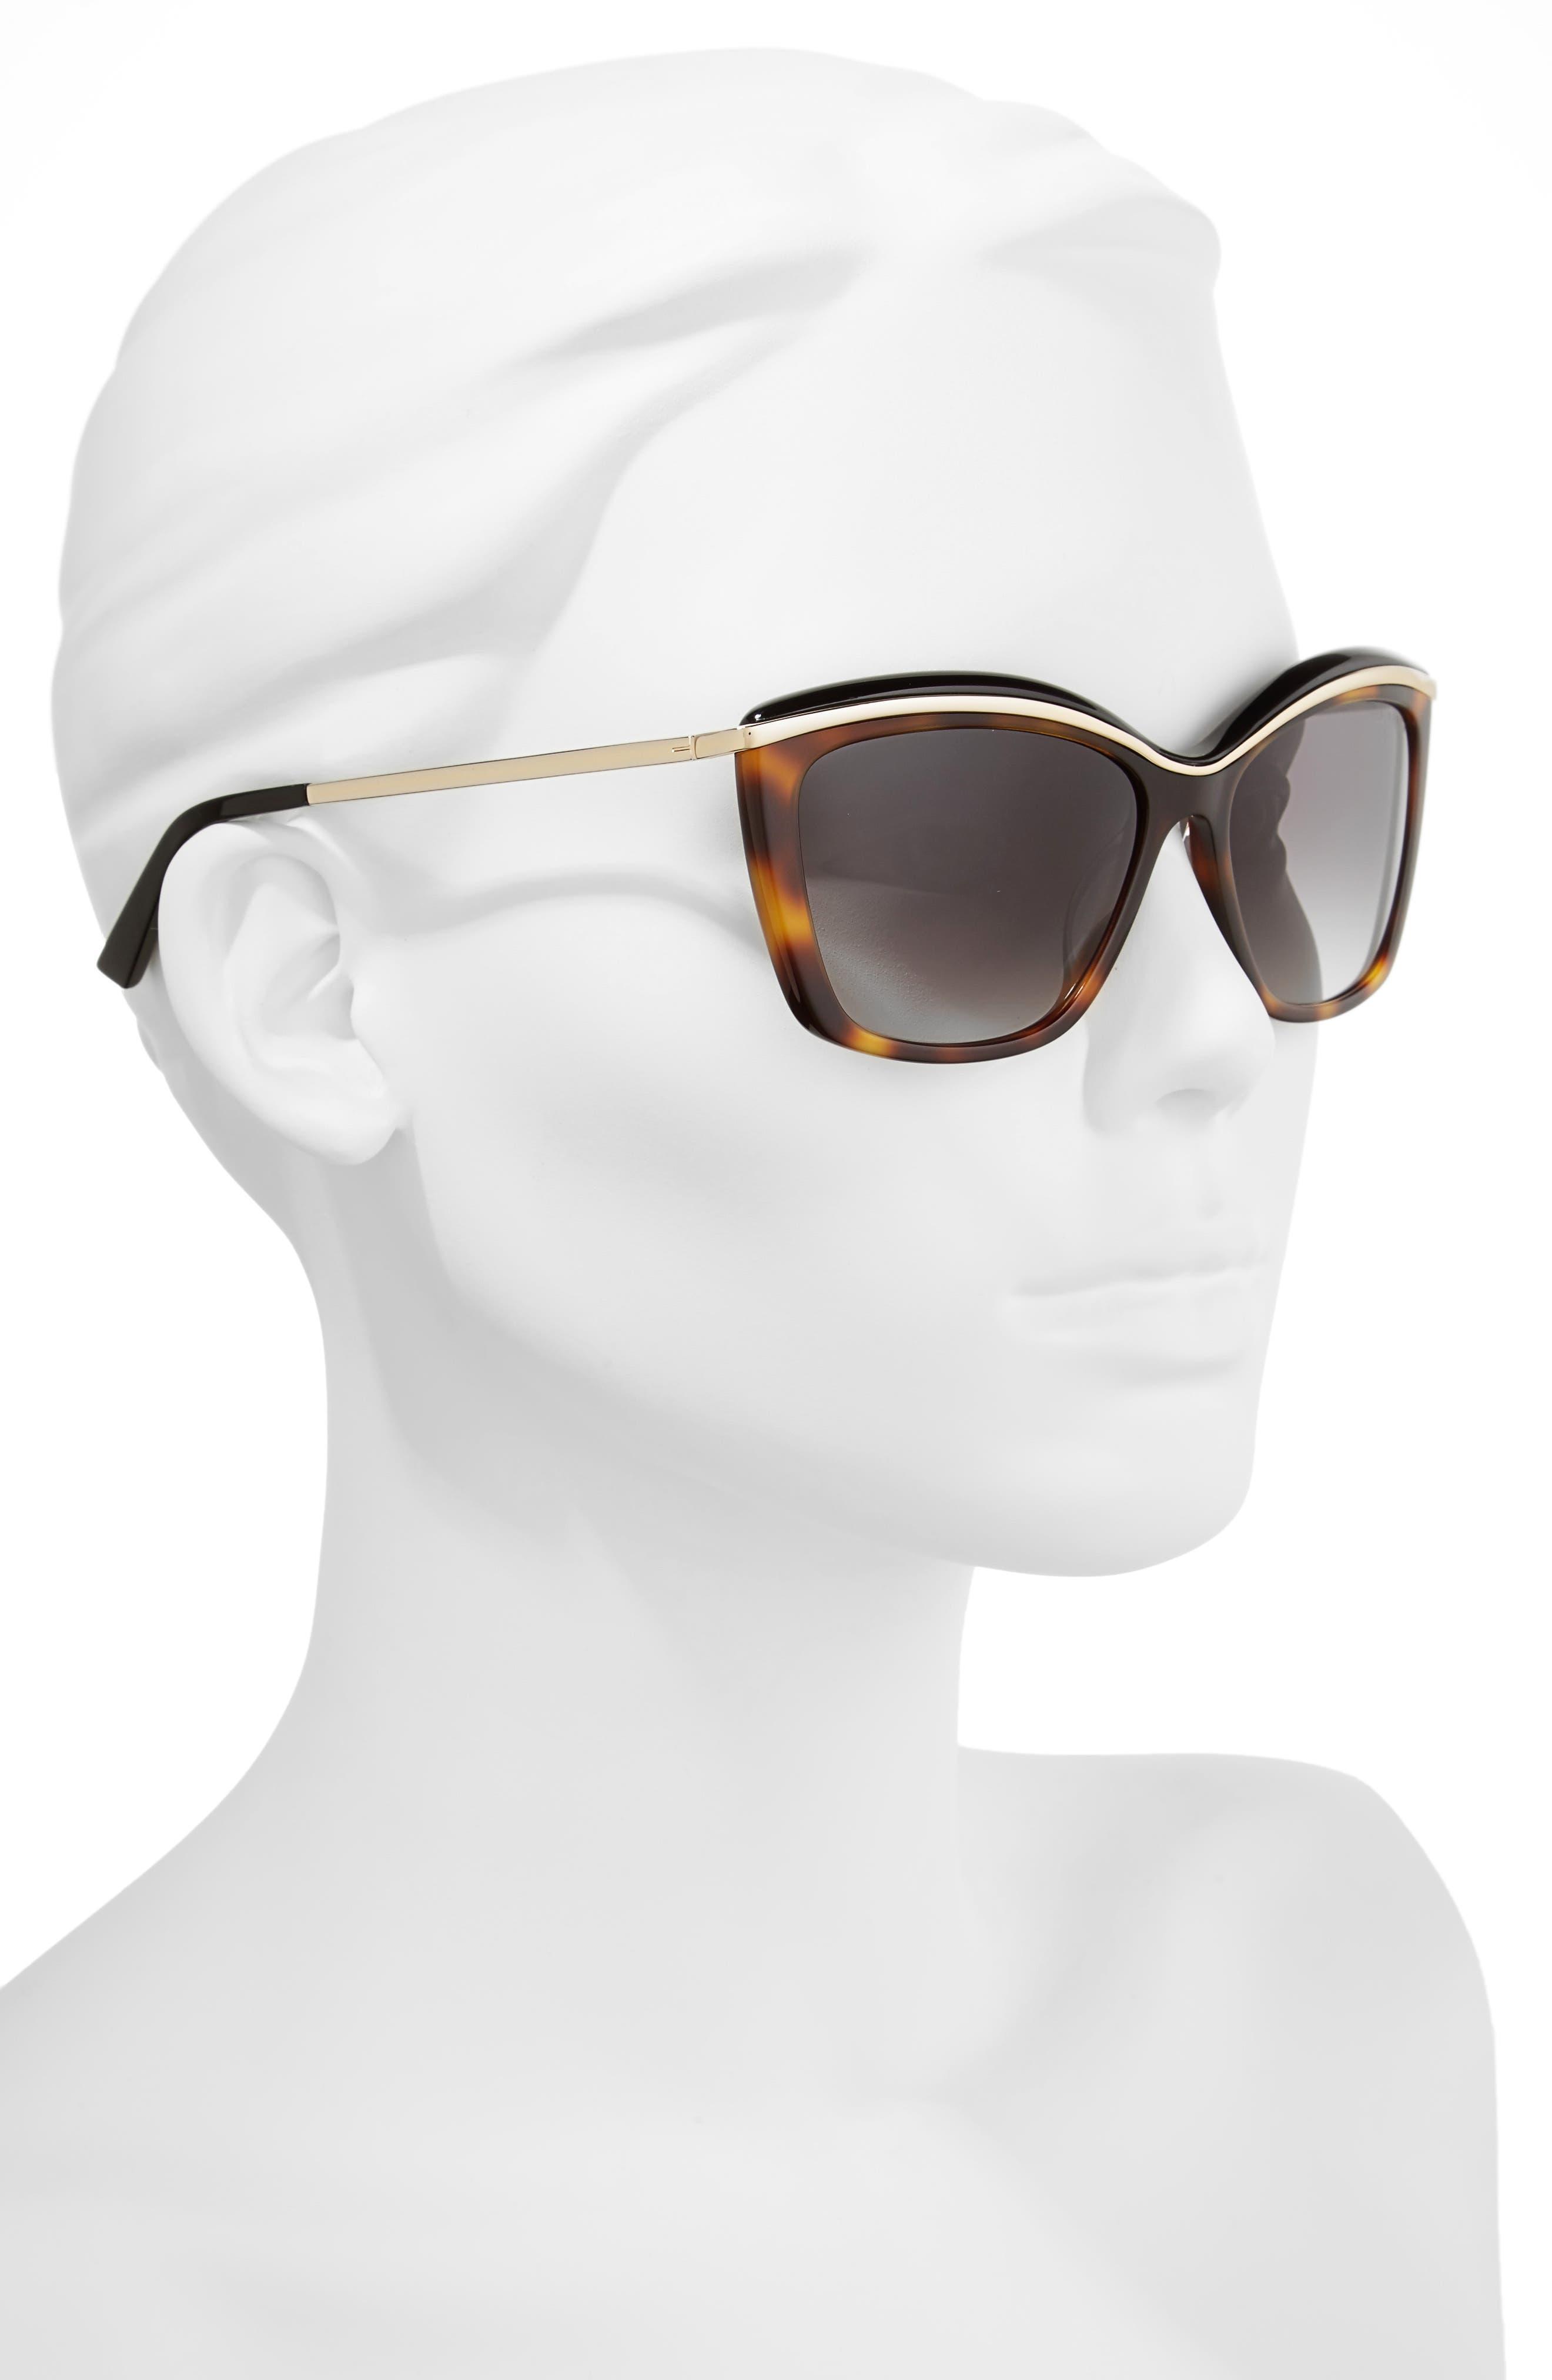 55mm Cat Eye Sunglasses,                             Alternate thumbnail 2, color,                             Tortoise